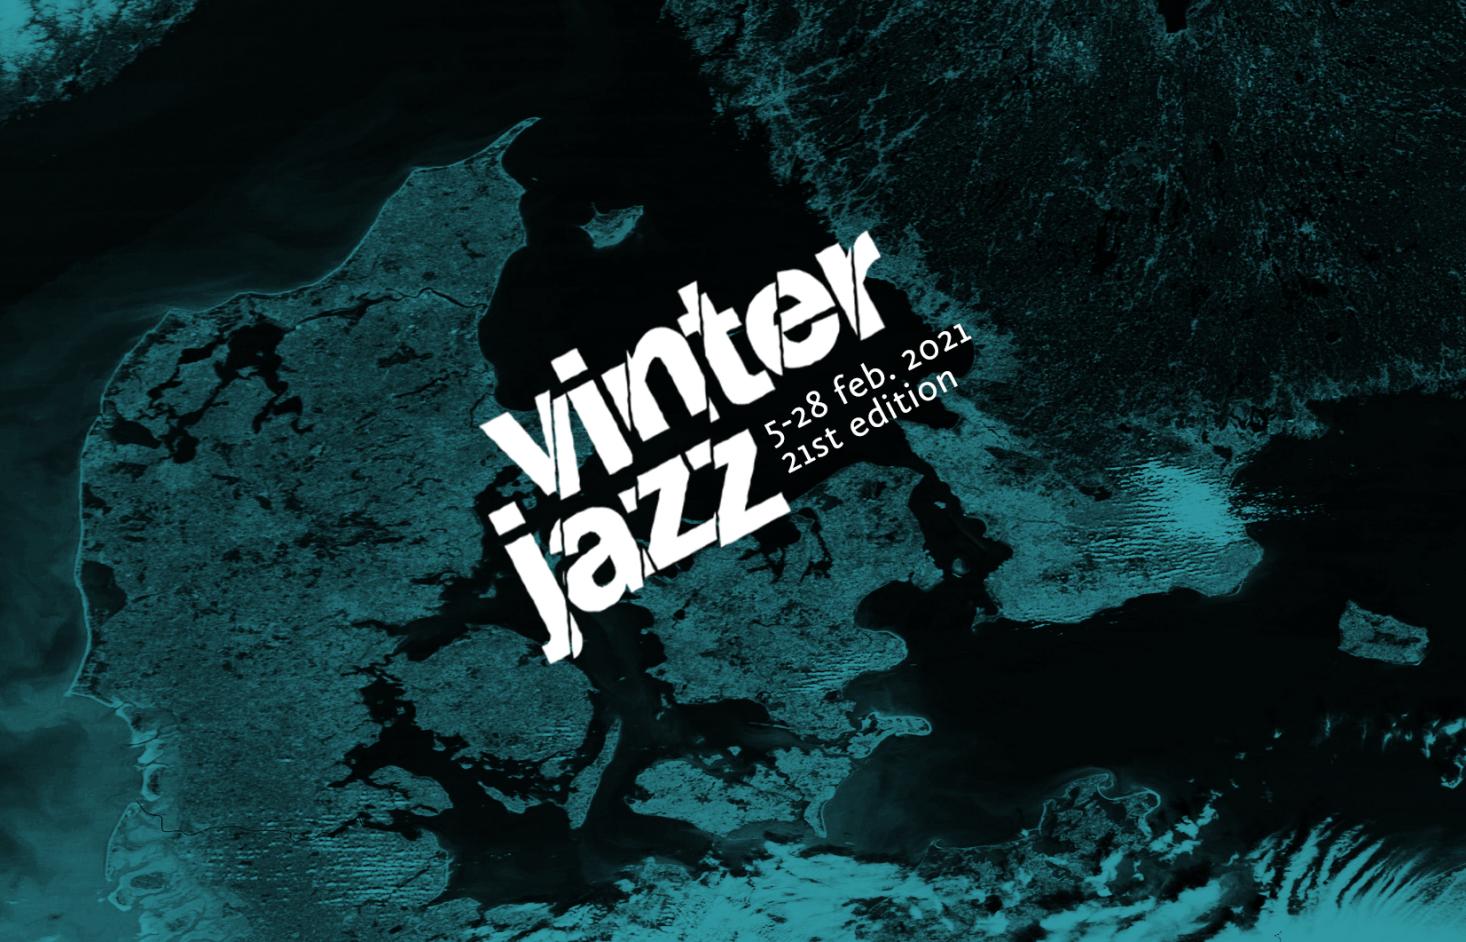 Vinterjazz returns in February 2021